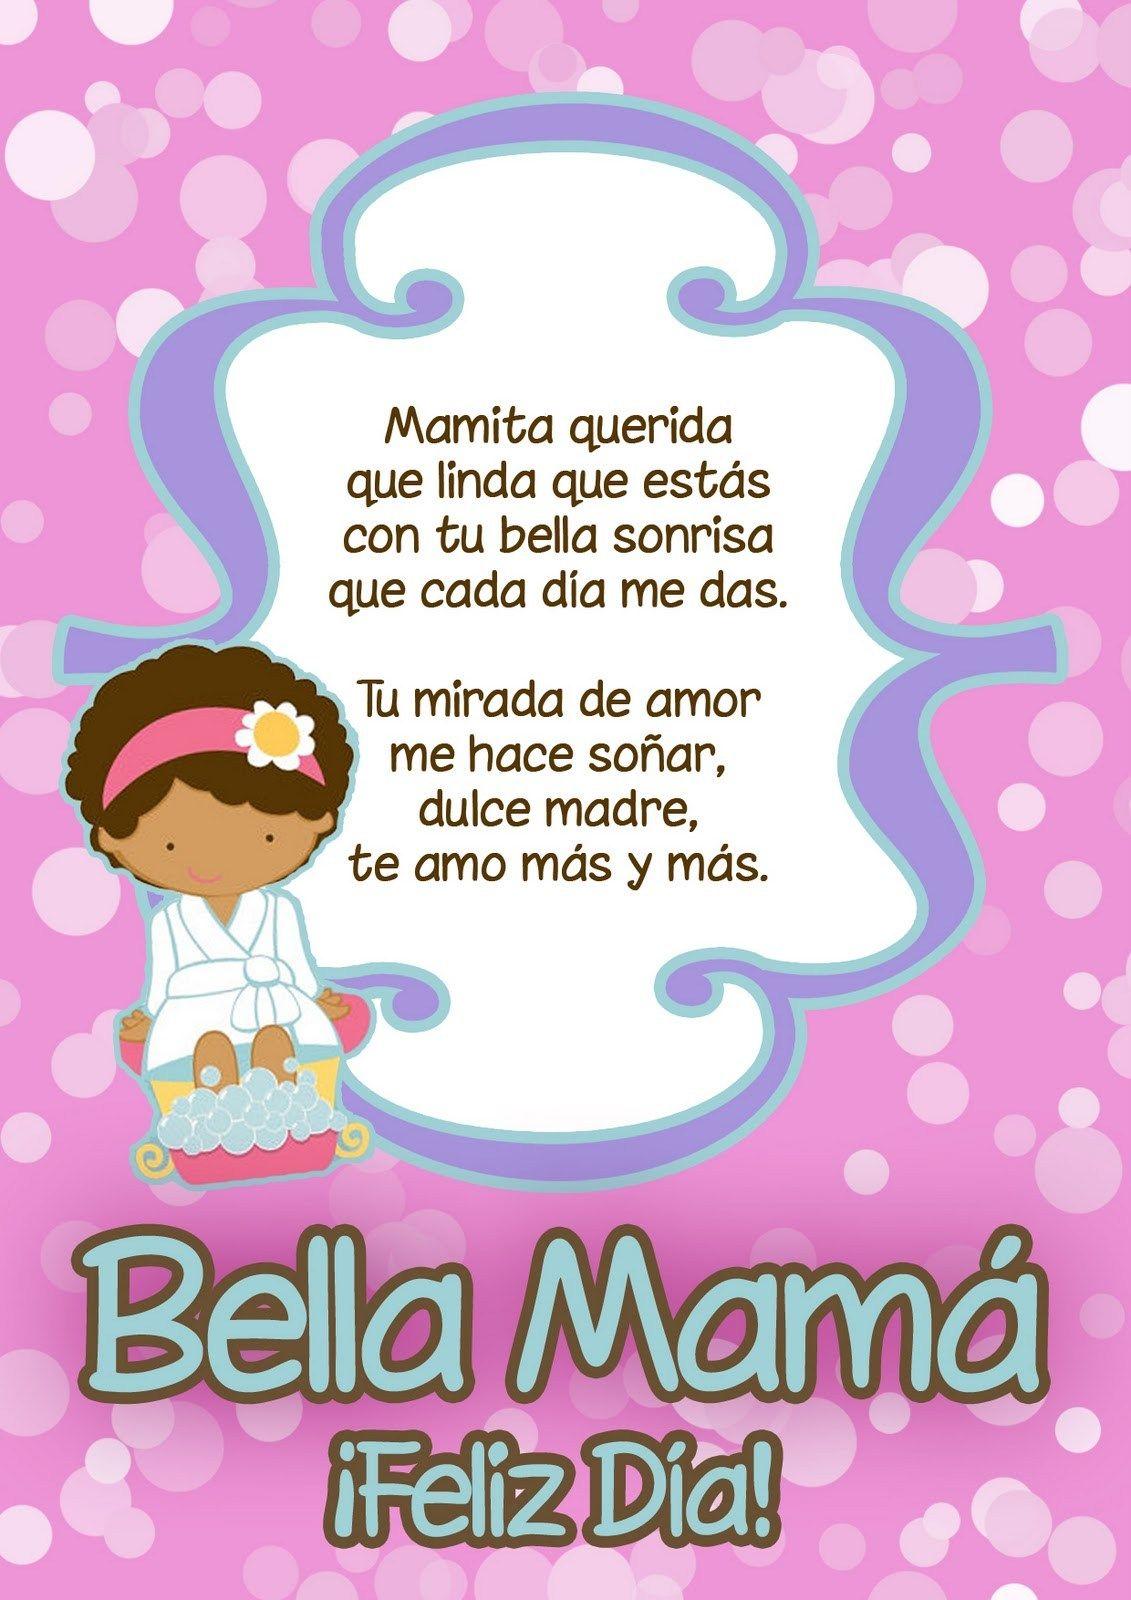 Poemas Canciones Para El Dia De La Madre Para Niños Regalo Dia De La Madre Yo Mimo A Mi Mama Con Imagenes Dia De